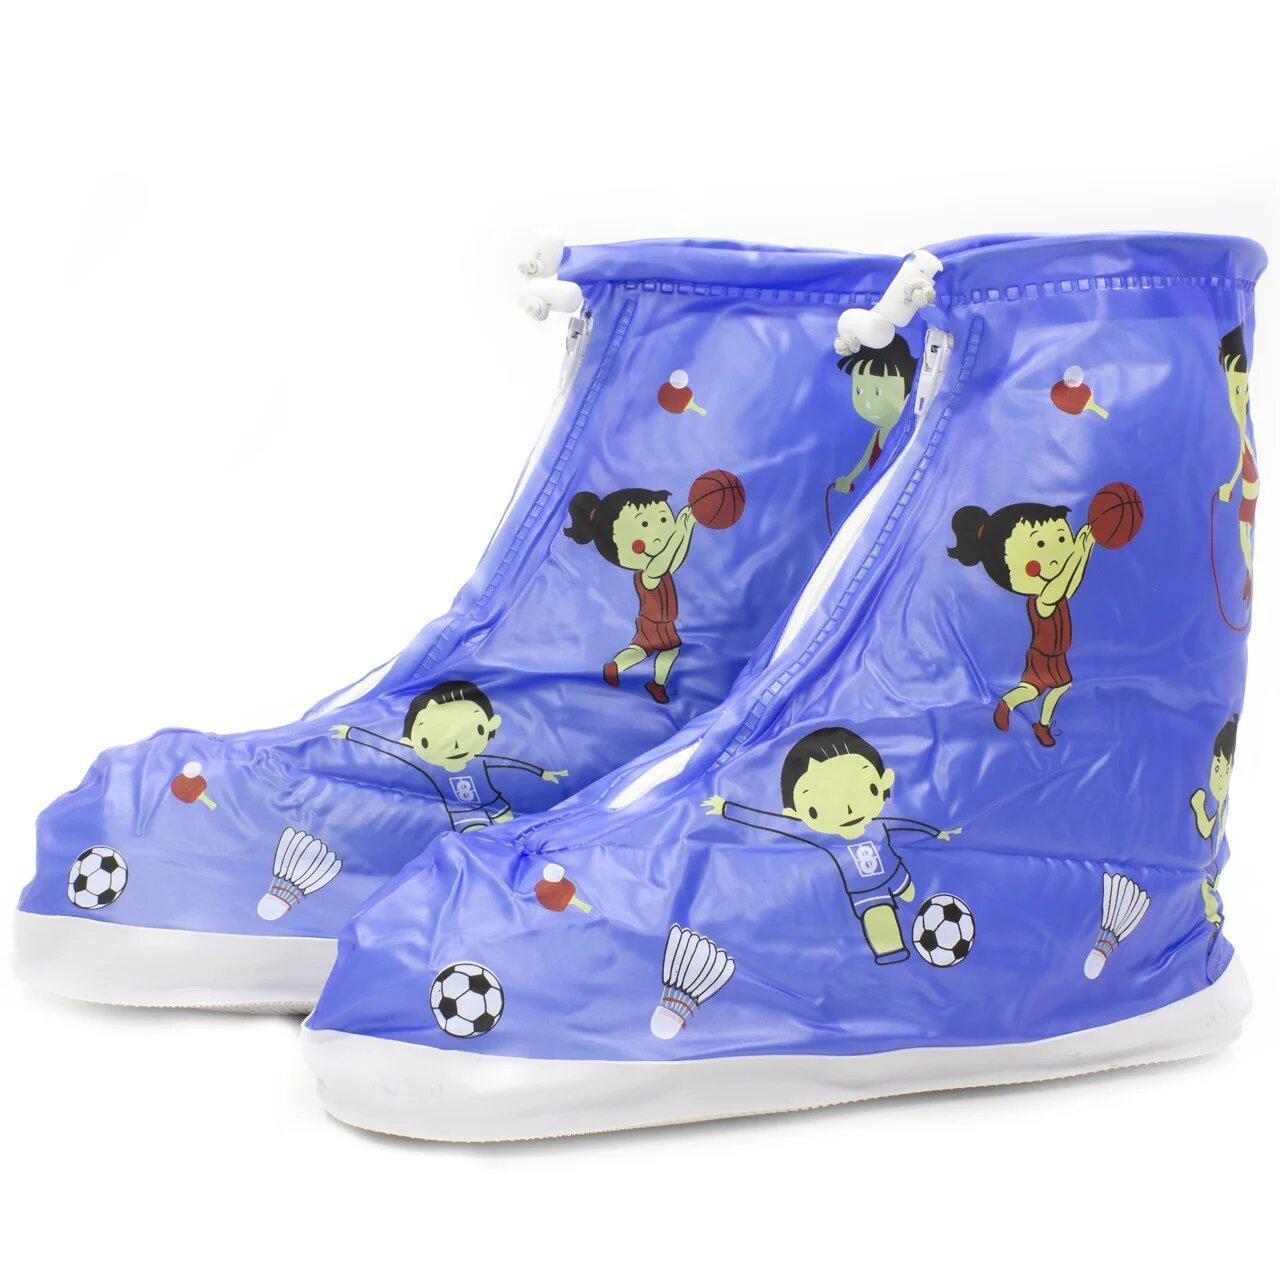 Детские резиновые бахилы Lesko на обувь от дождя Спорт р. 24-25 водонепроницаемые Синий (3717-12206)